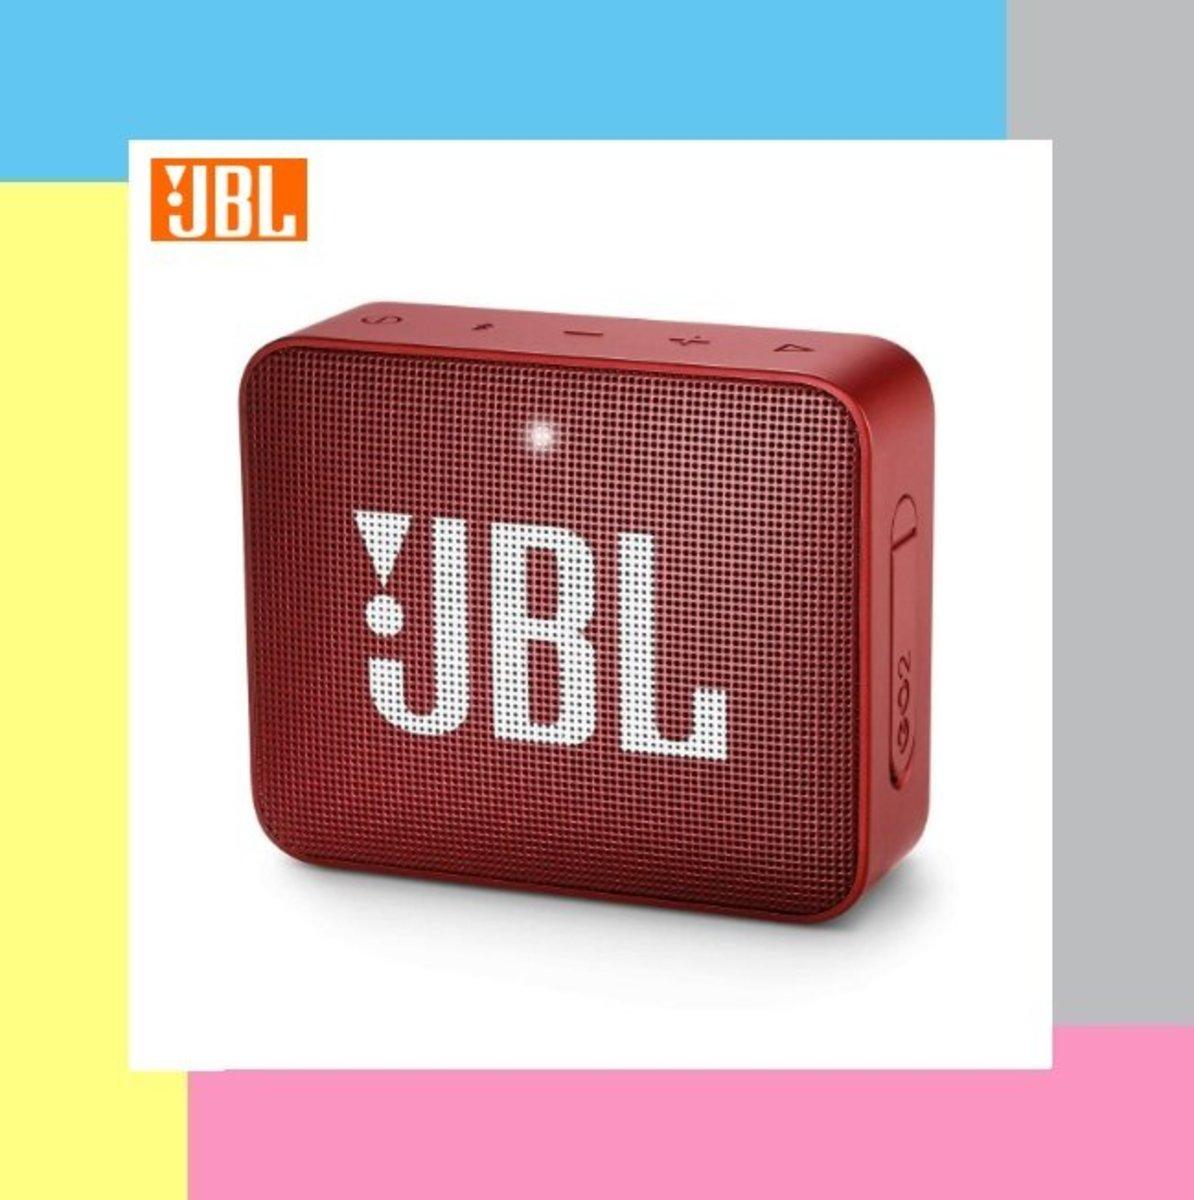 JBL GO 2 無線音箱 - 寶石紅 [產品為平行進口貨 提供一年保養]